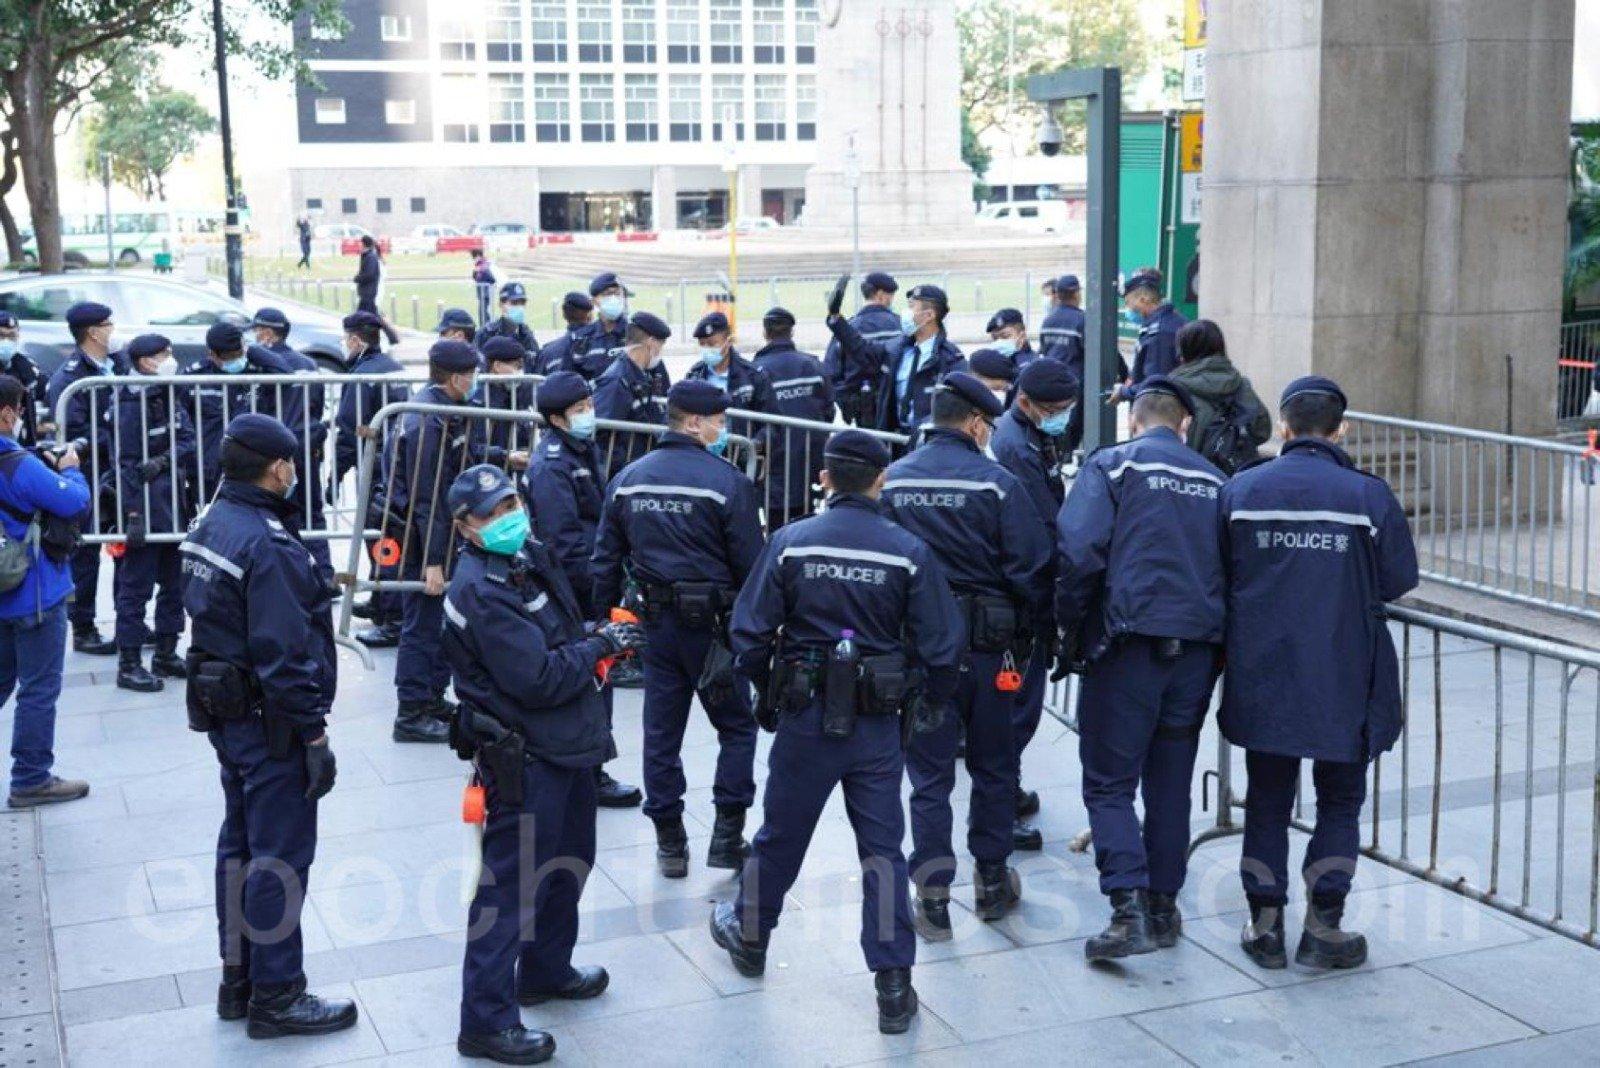 黎智英下午到終審法院聽判決,警察大為緊張拉鐵馬封路。(余鋼/大紀元)